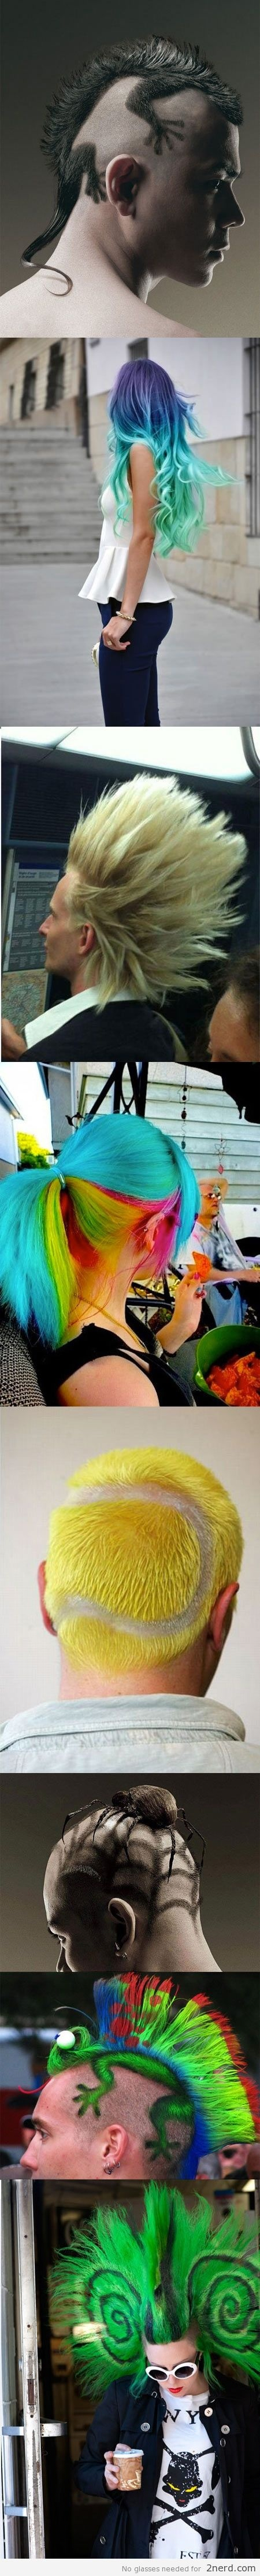 Die besten 25 Flippige haarfarben Ideen auf Pinterest